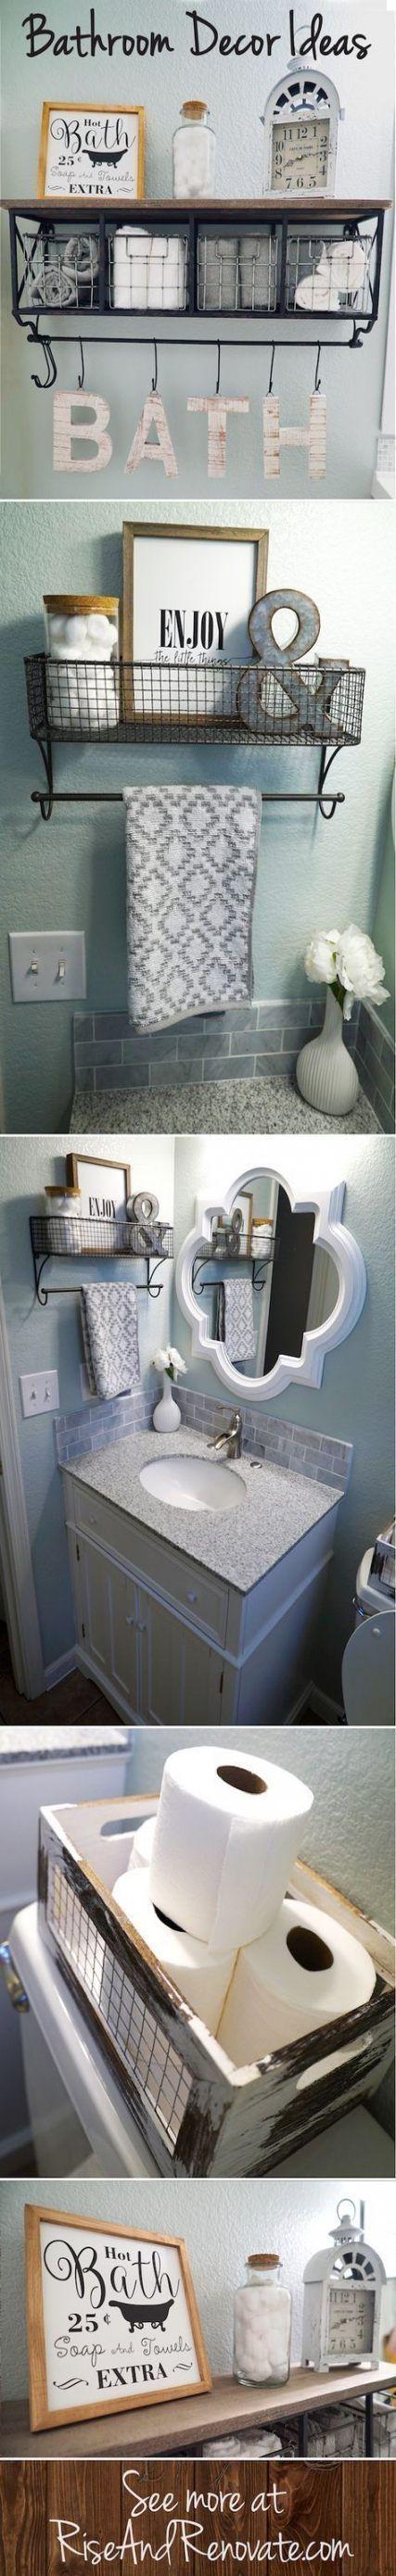 Farmhouse Bathroom Shelf Above Toilet 59 Ideas   farmhouse.  #bathroom #Farmho   – Bathroom Shelf